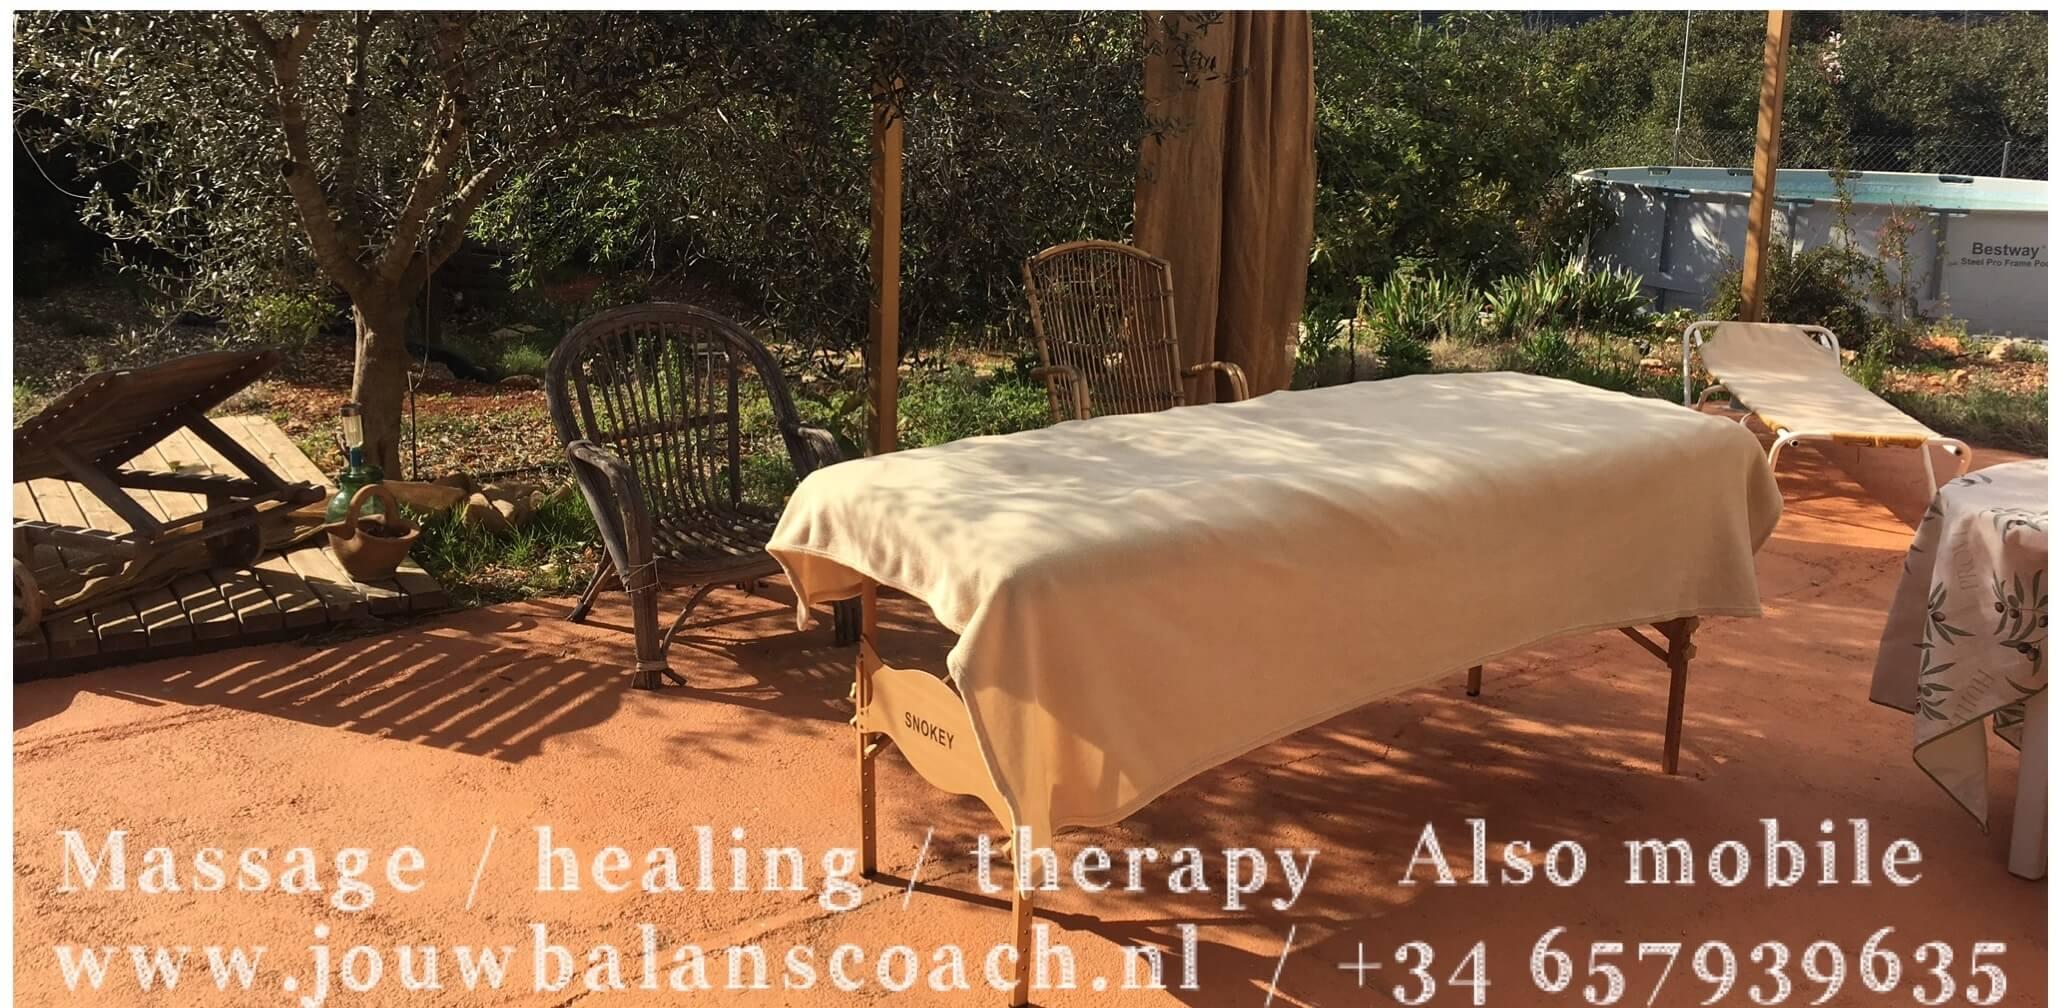 Massages een weldaad voor lichaam en geest